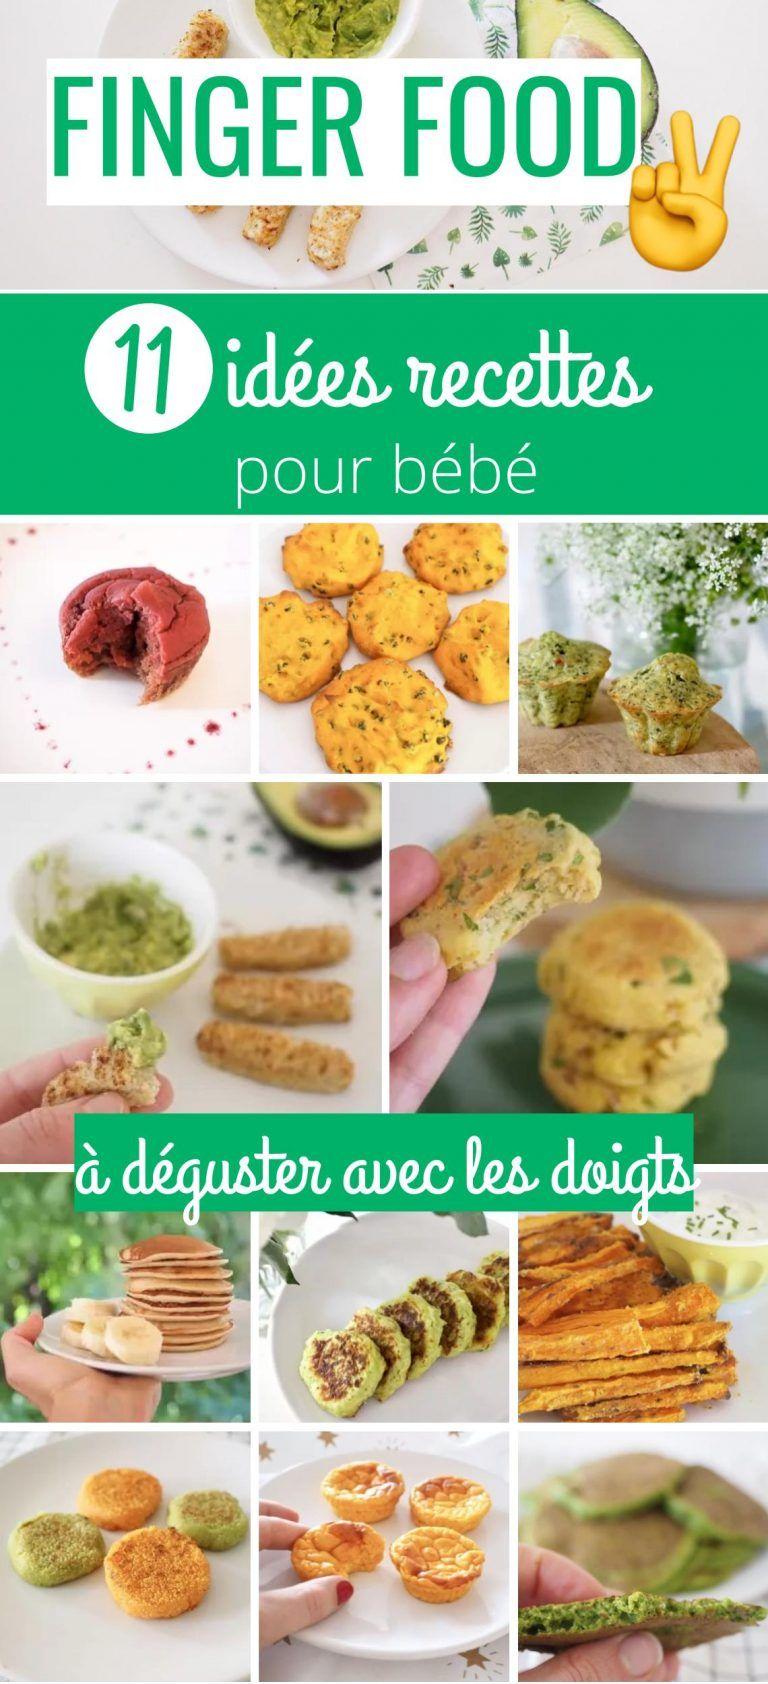 Finger Food Pour Bebe 11 Recettes A Manger Avec Les Doigts Cuisinez Pour Bebe Aliments Pour Bebe Faits Maison Idee Repas Bebe Recette